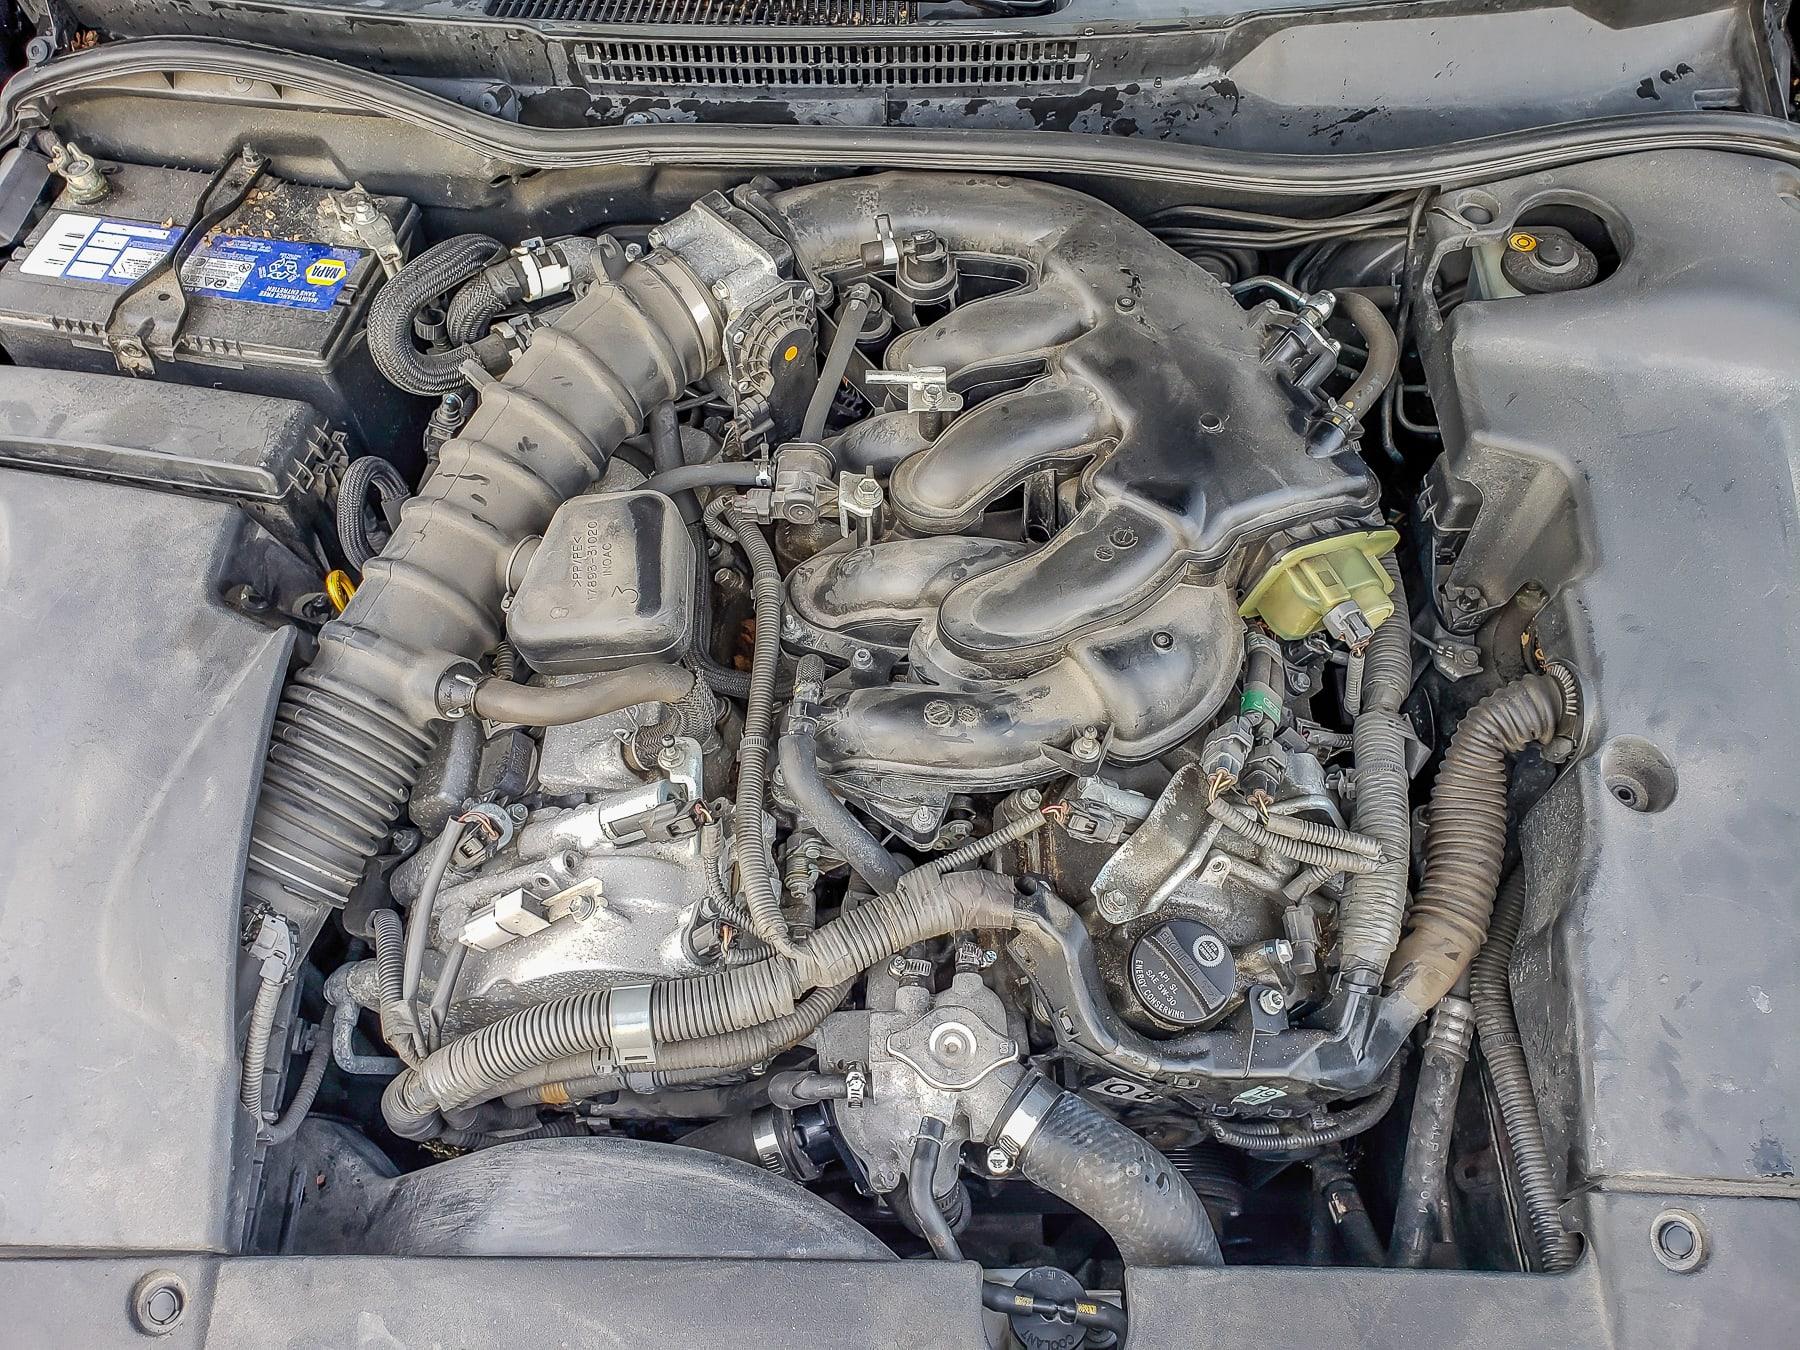 2008 Lexus IS250 Water Pump Replacement